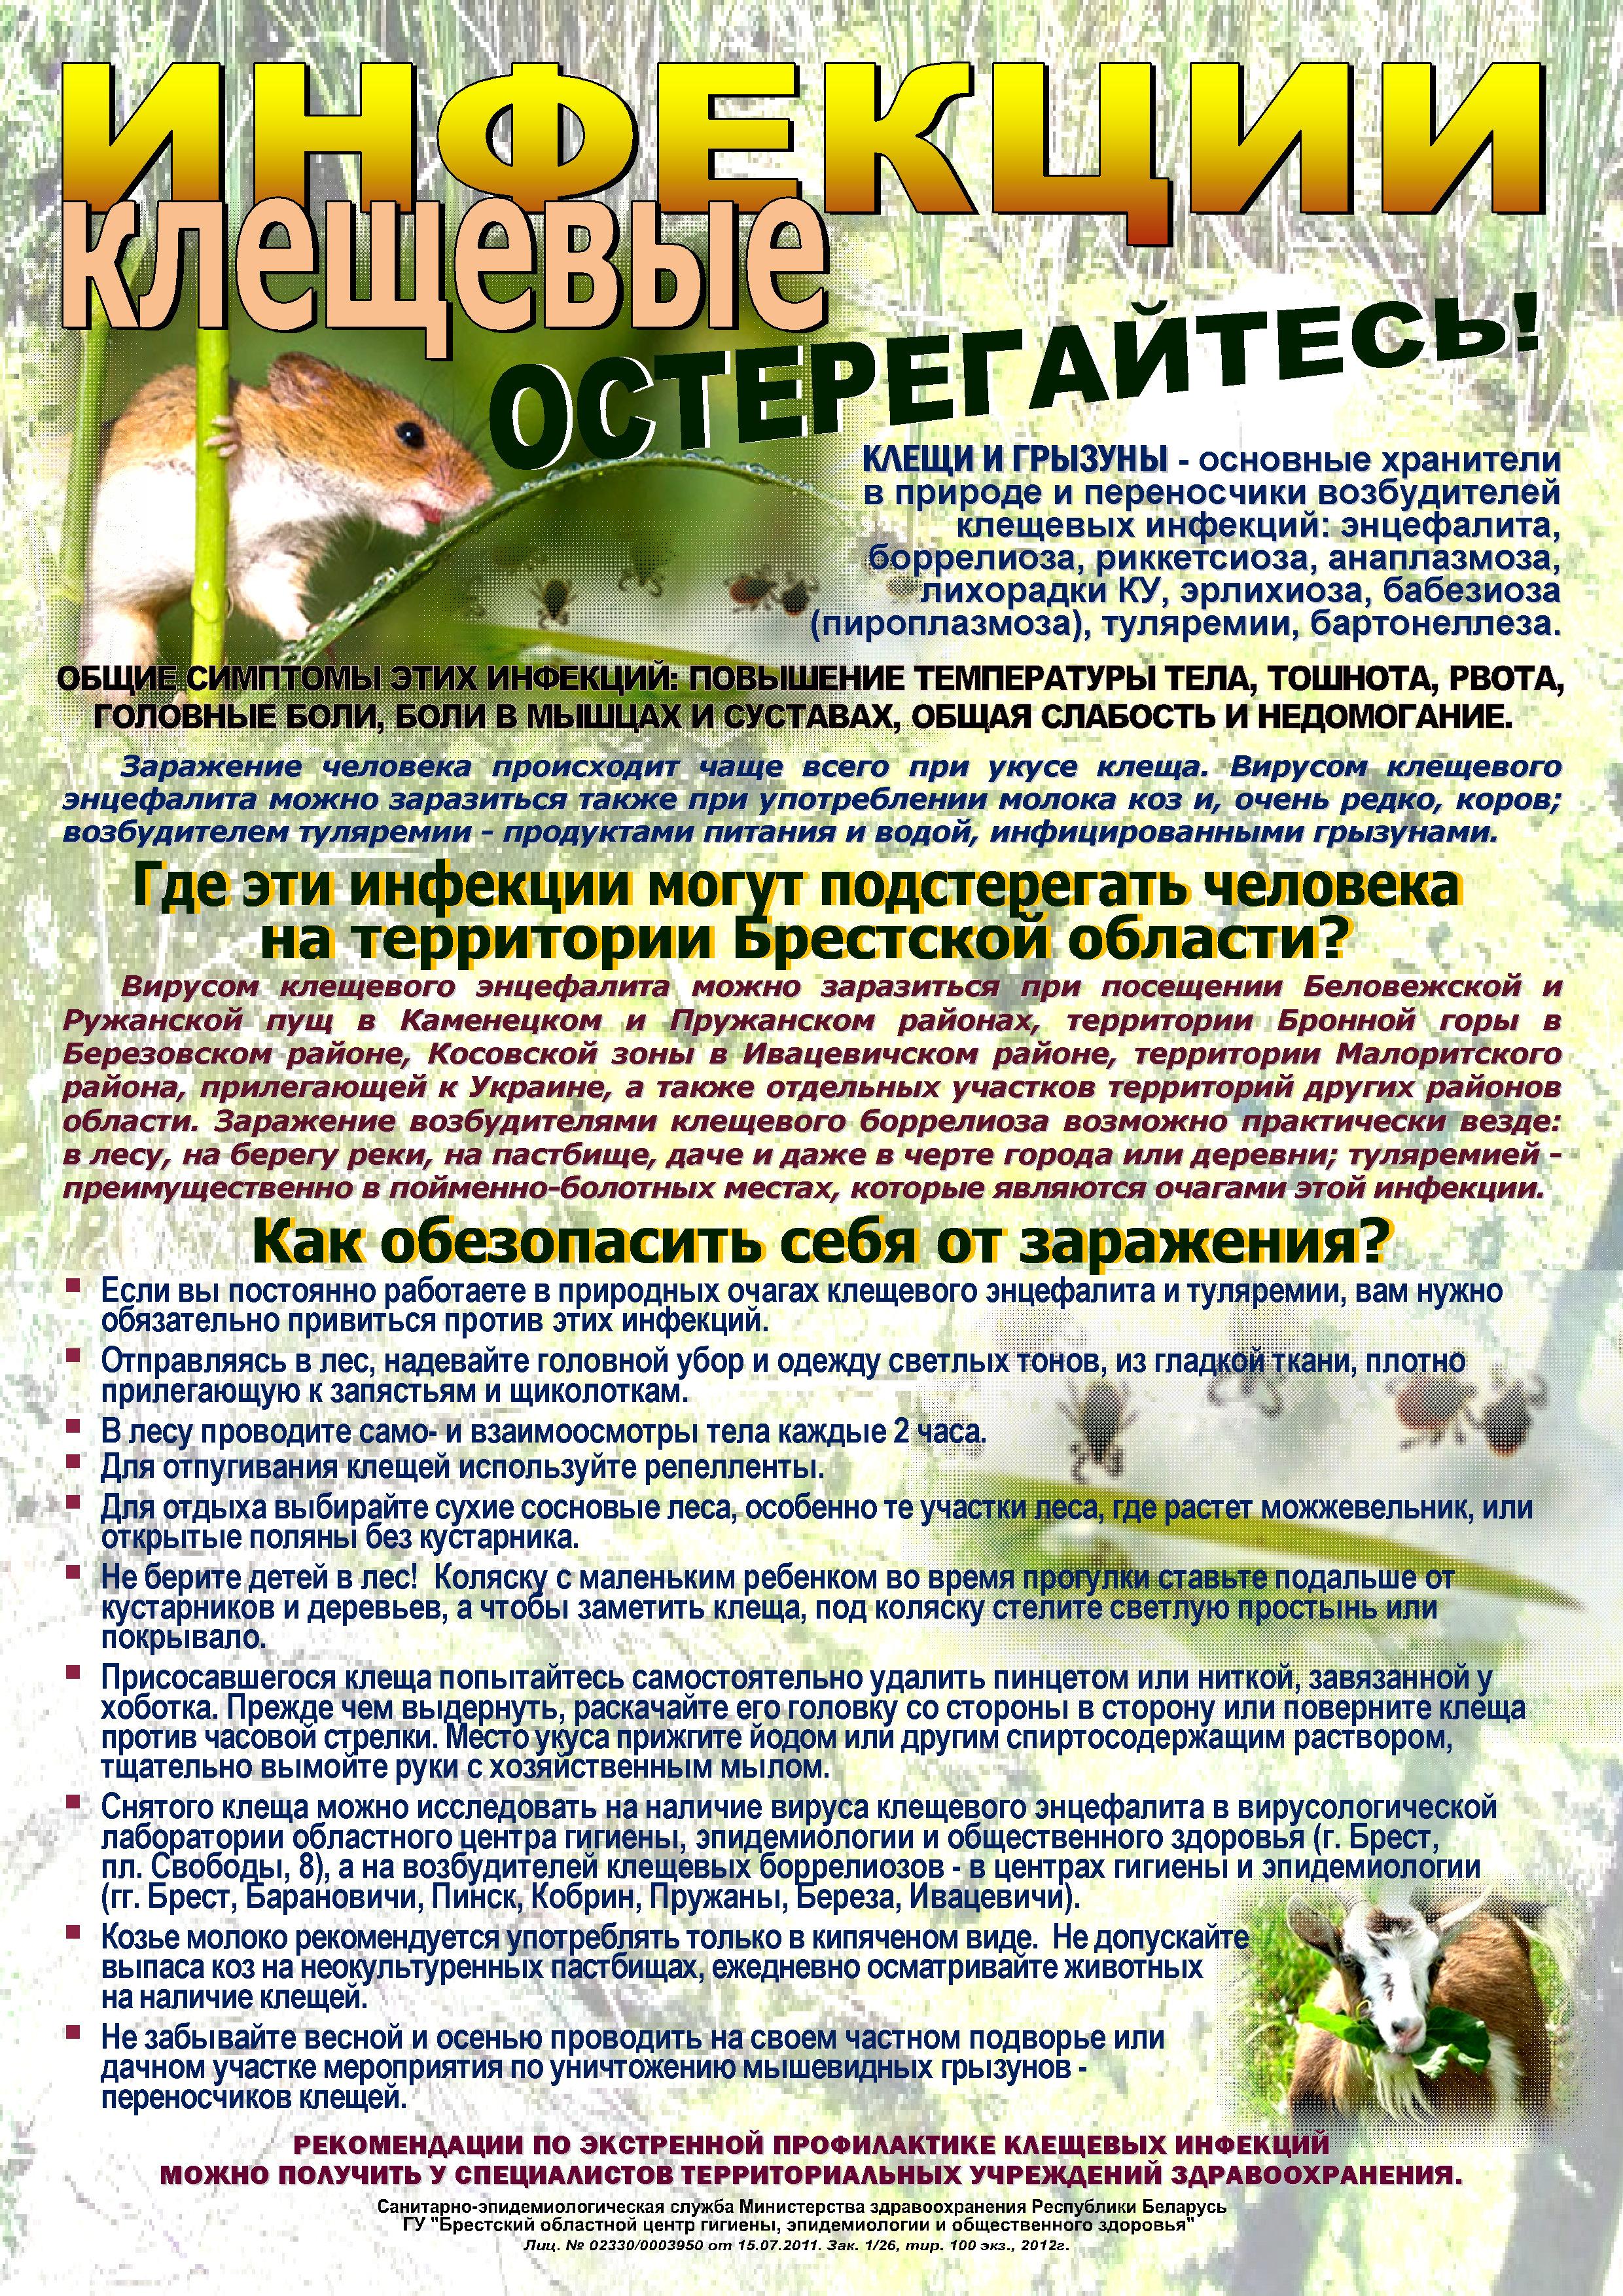 Картинки по запросу Клещевые инфекции и памятки в Республике Беларусь